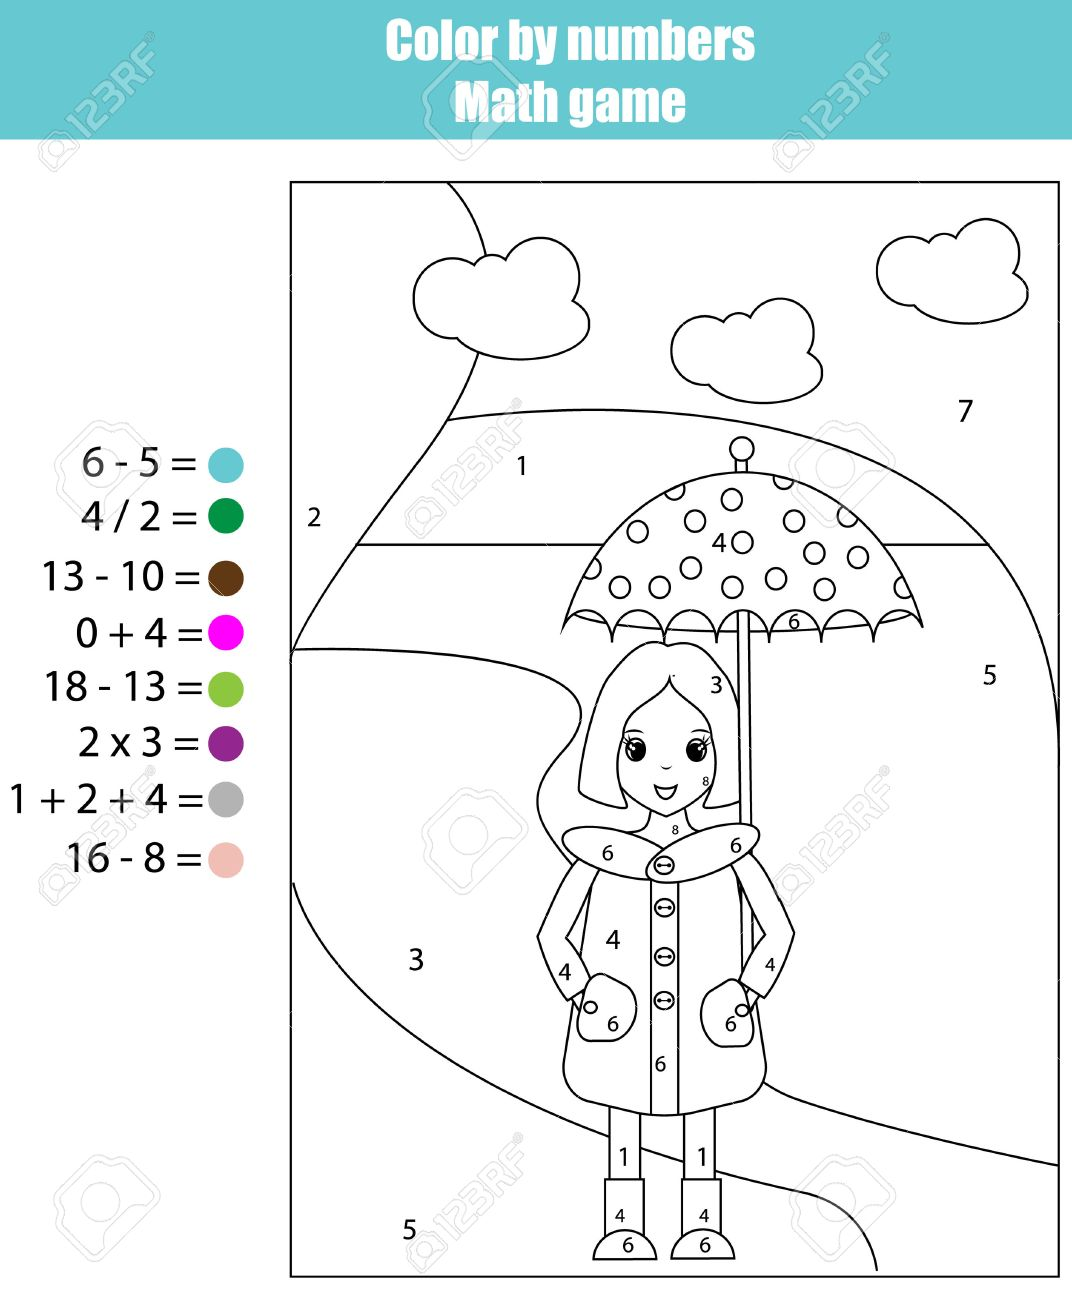 Malvorlage Mit Mädchen. Farbe Durch Zahlen Mathe Kinder Lernspiel ...